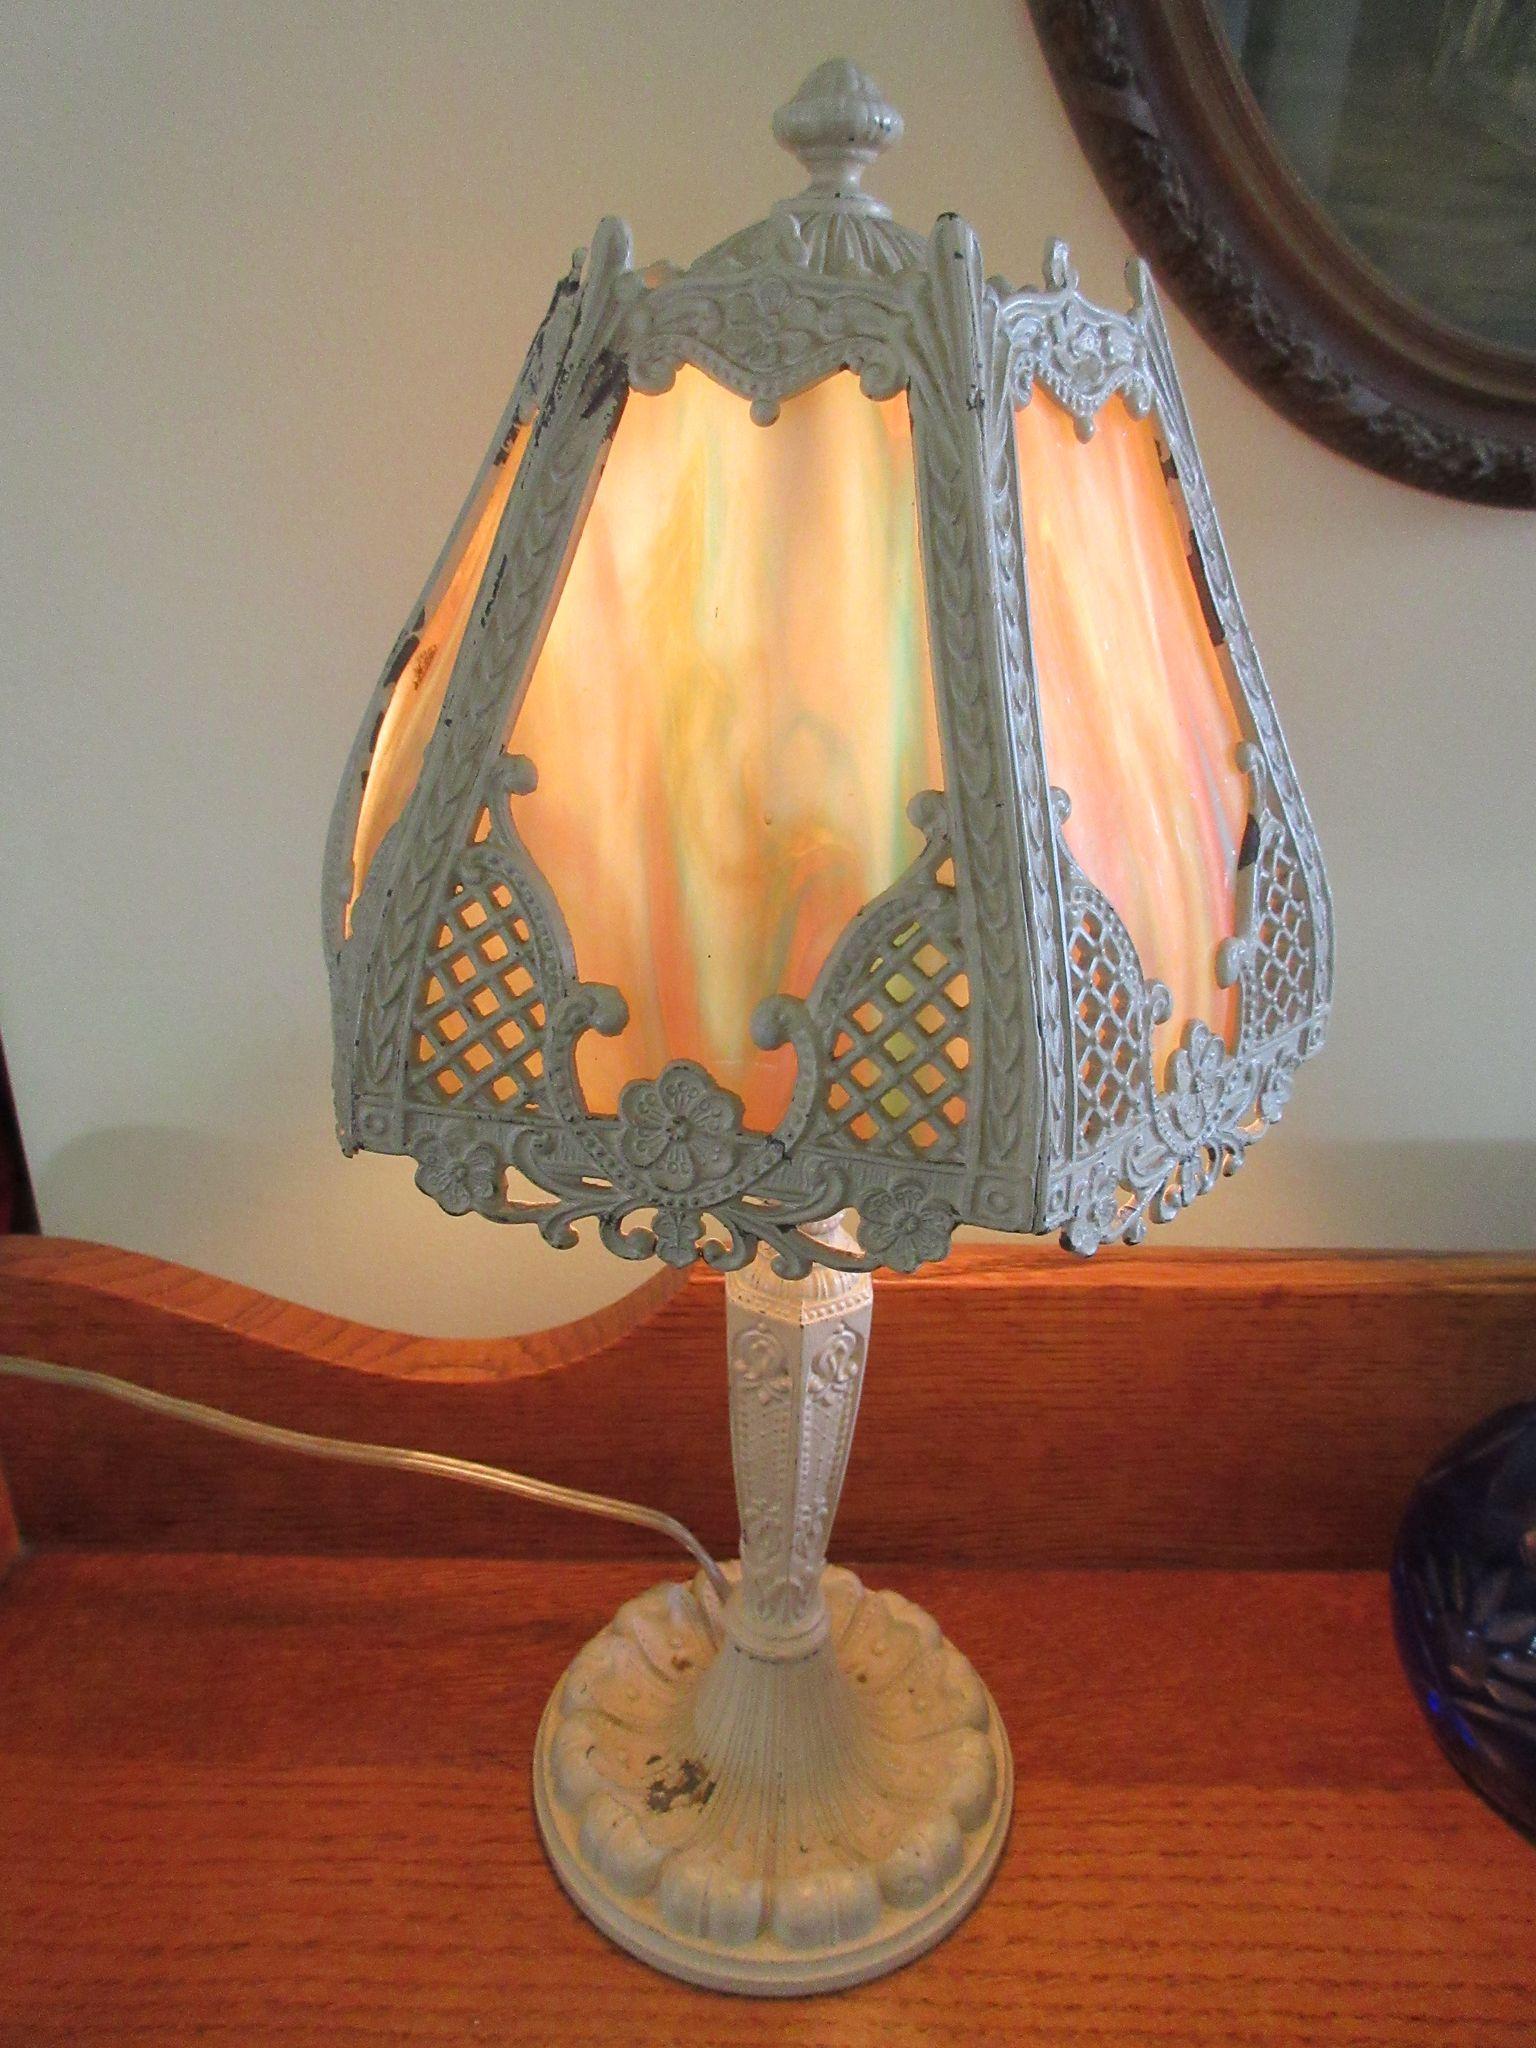 1930s Slag Glass Boudoir Lamp Vintage Lighting From